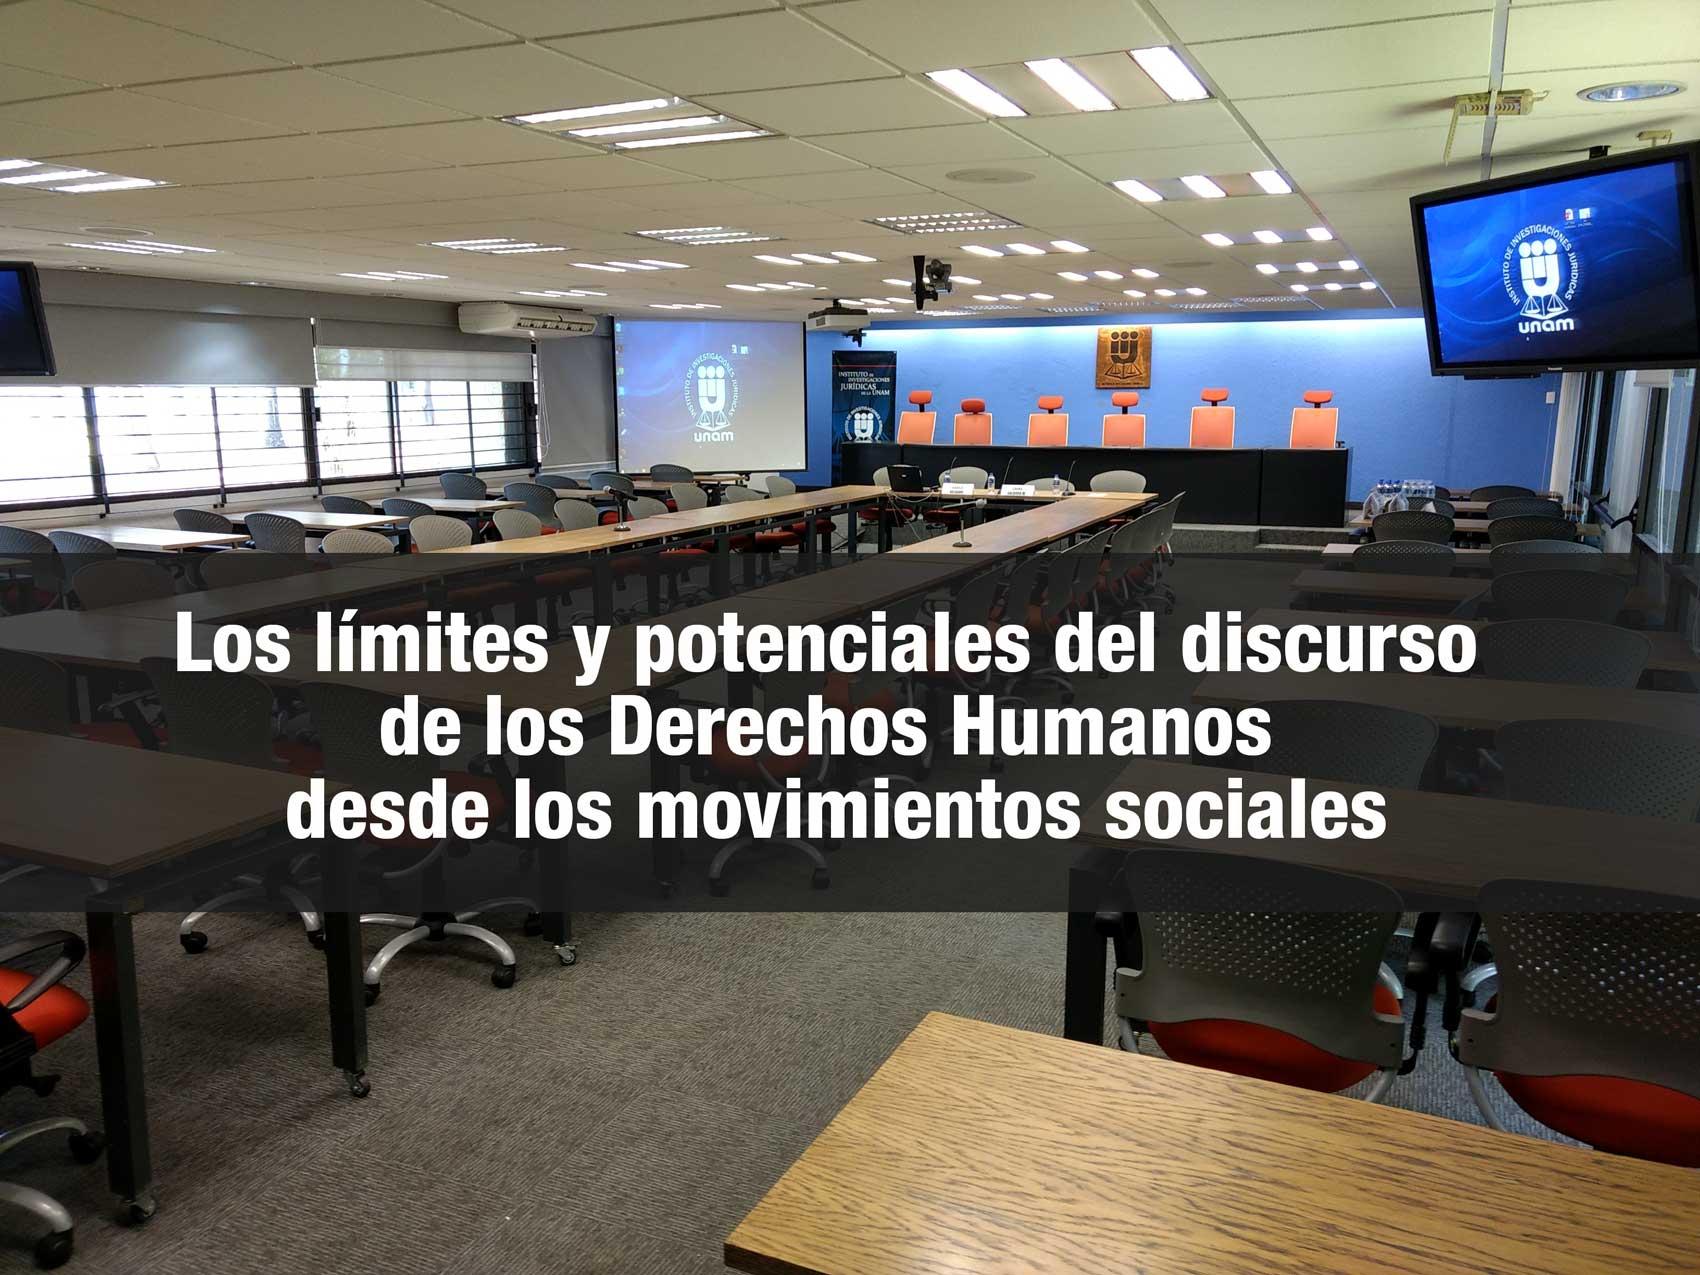 Los límites y potenciales del discurso de los Derechos Humanos desde los movimientos sociales